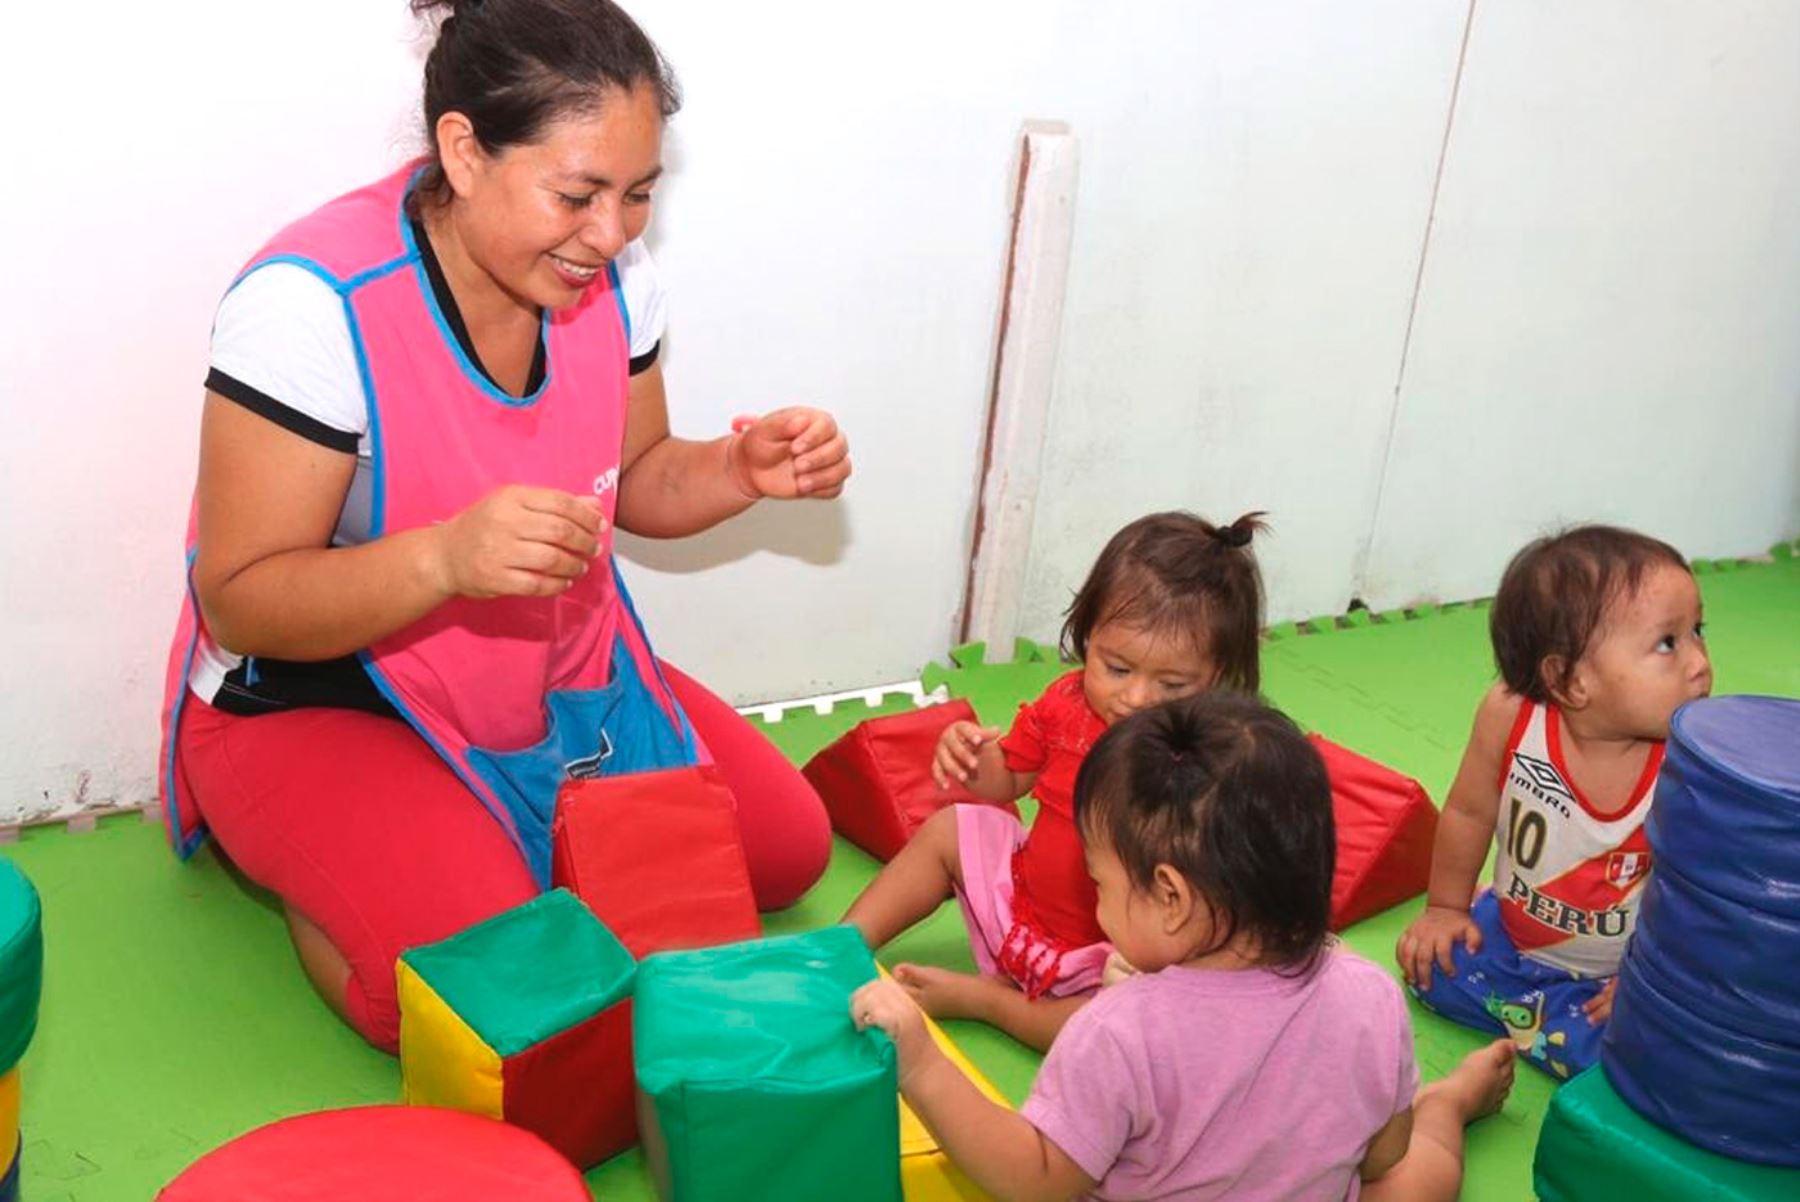 Estrategia Primero la Infancia priorizará atención a 1,226 distritos más pobres del país, precisó la titular del Midis, Paola Bustamante. ANDINA/Difusión